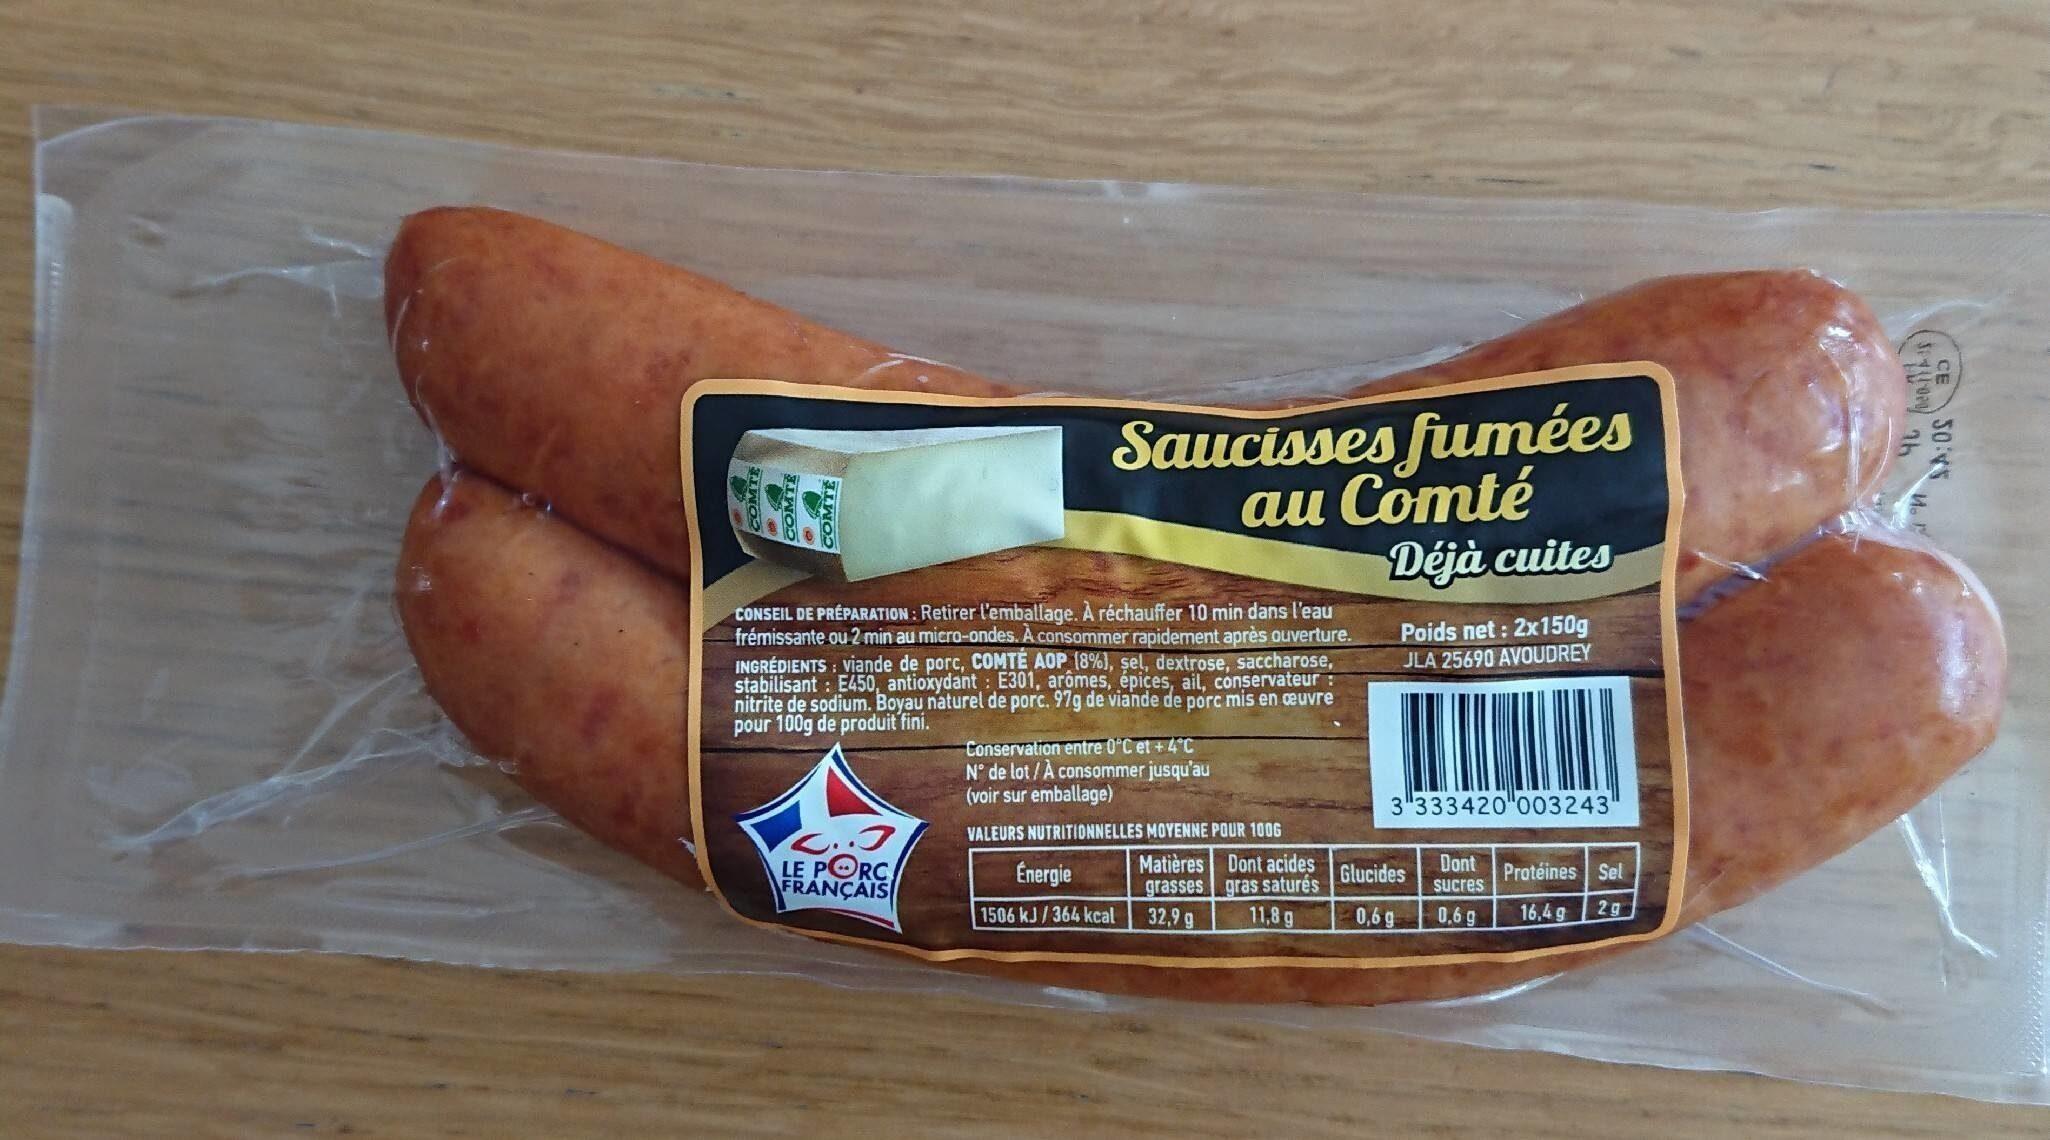 Saucisses fumées au comtè - Produit - fr